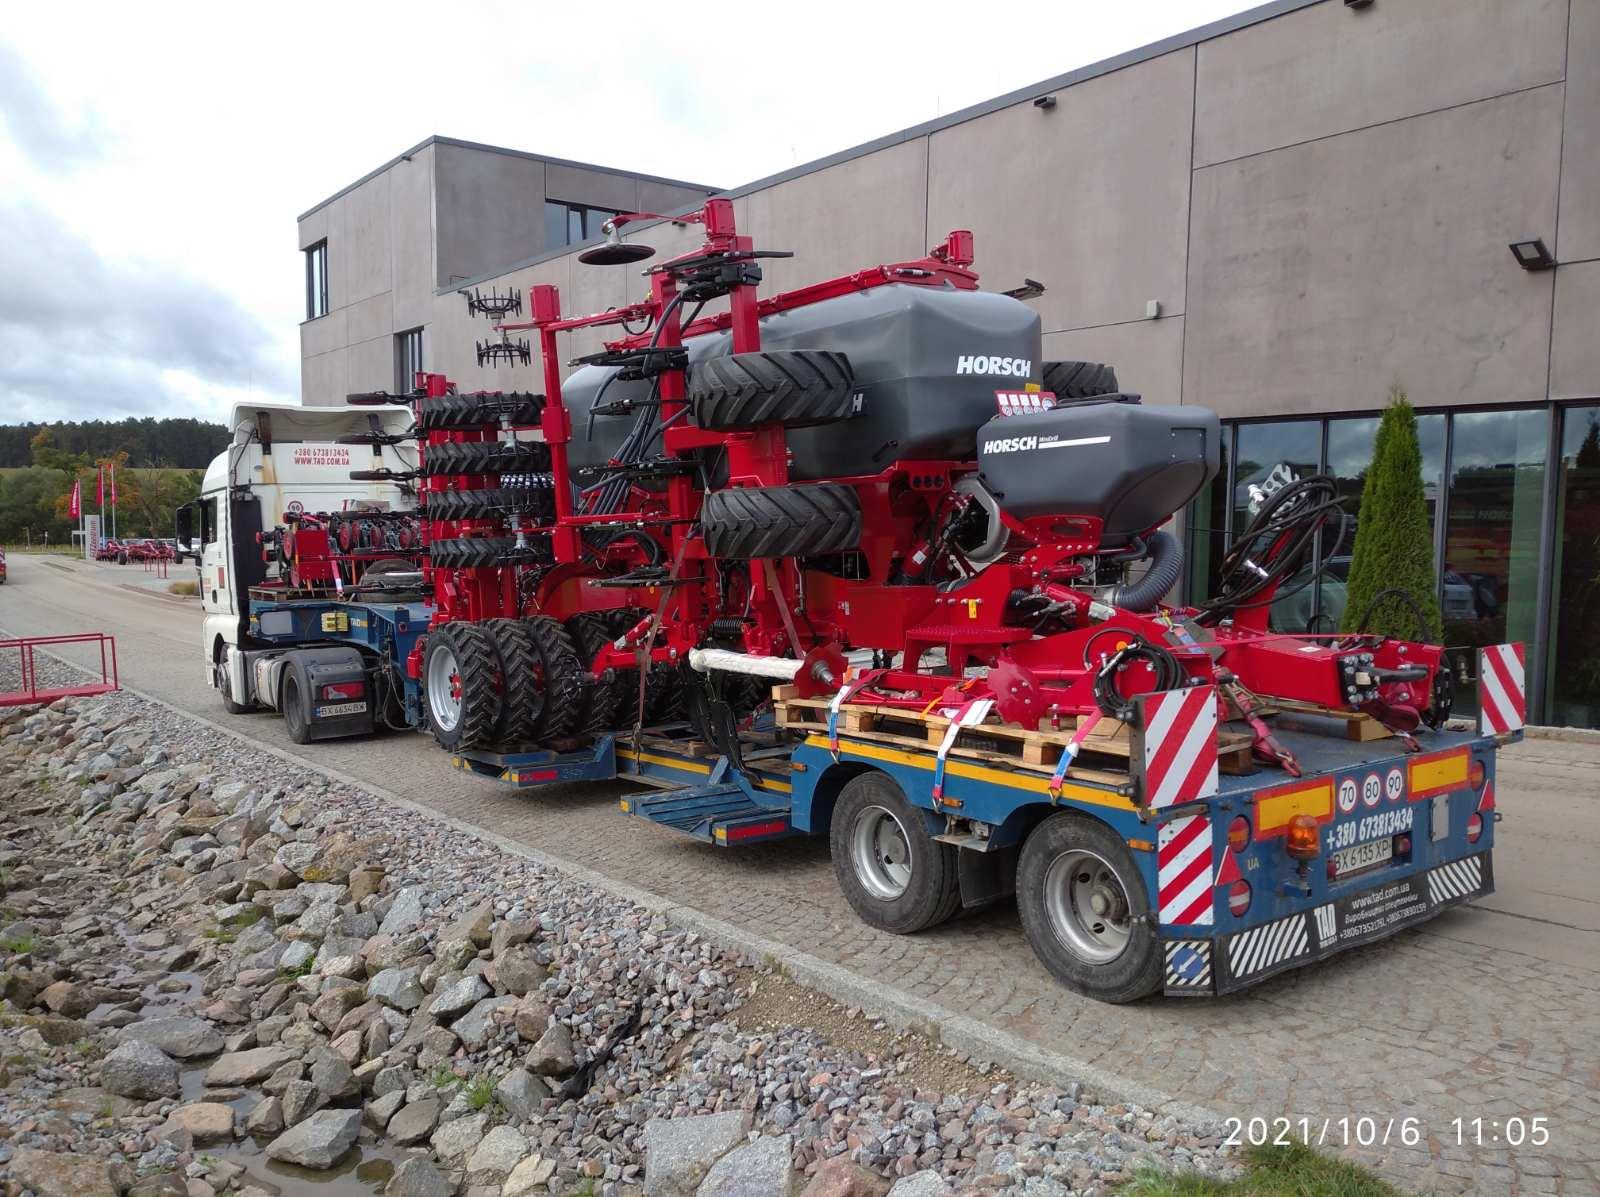 Перевозка сельхоз оборудования